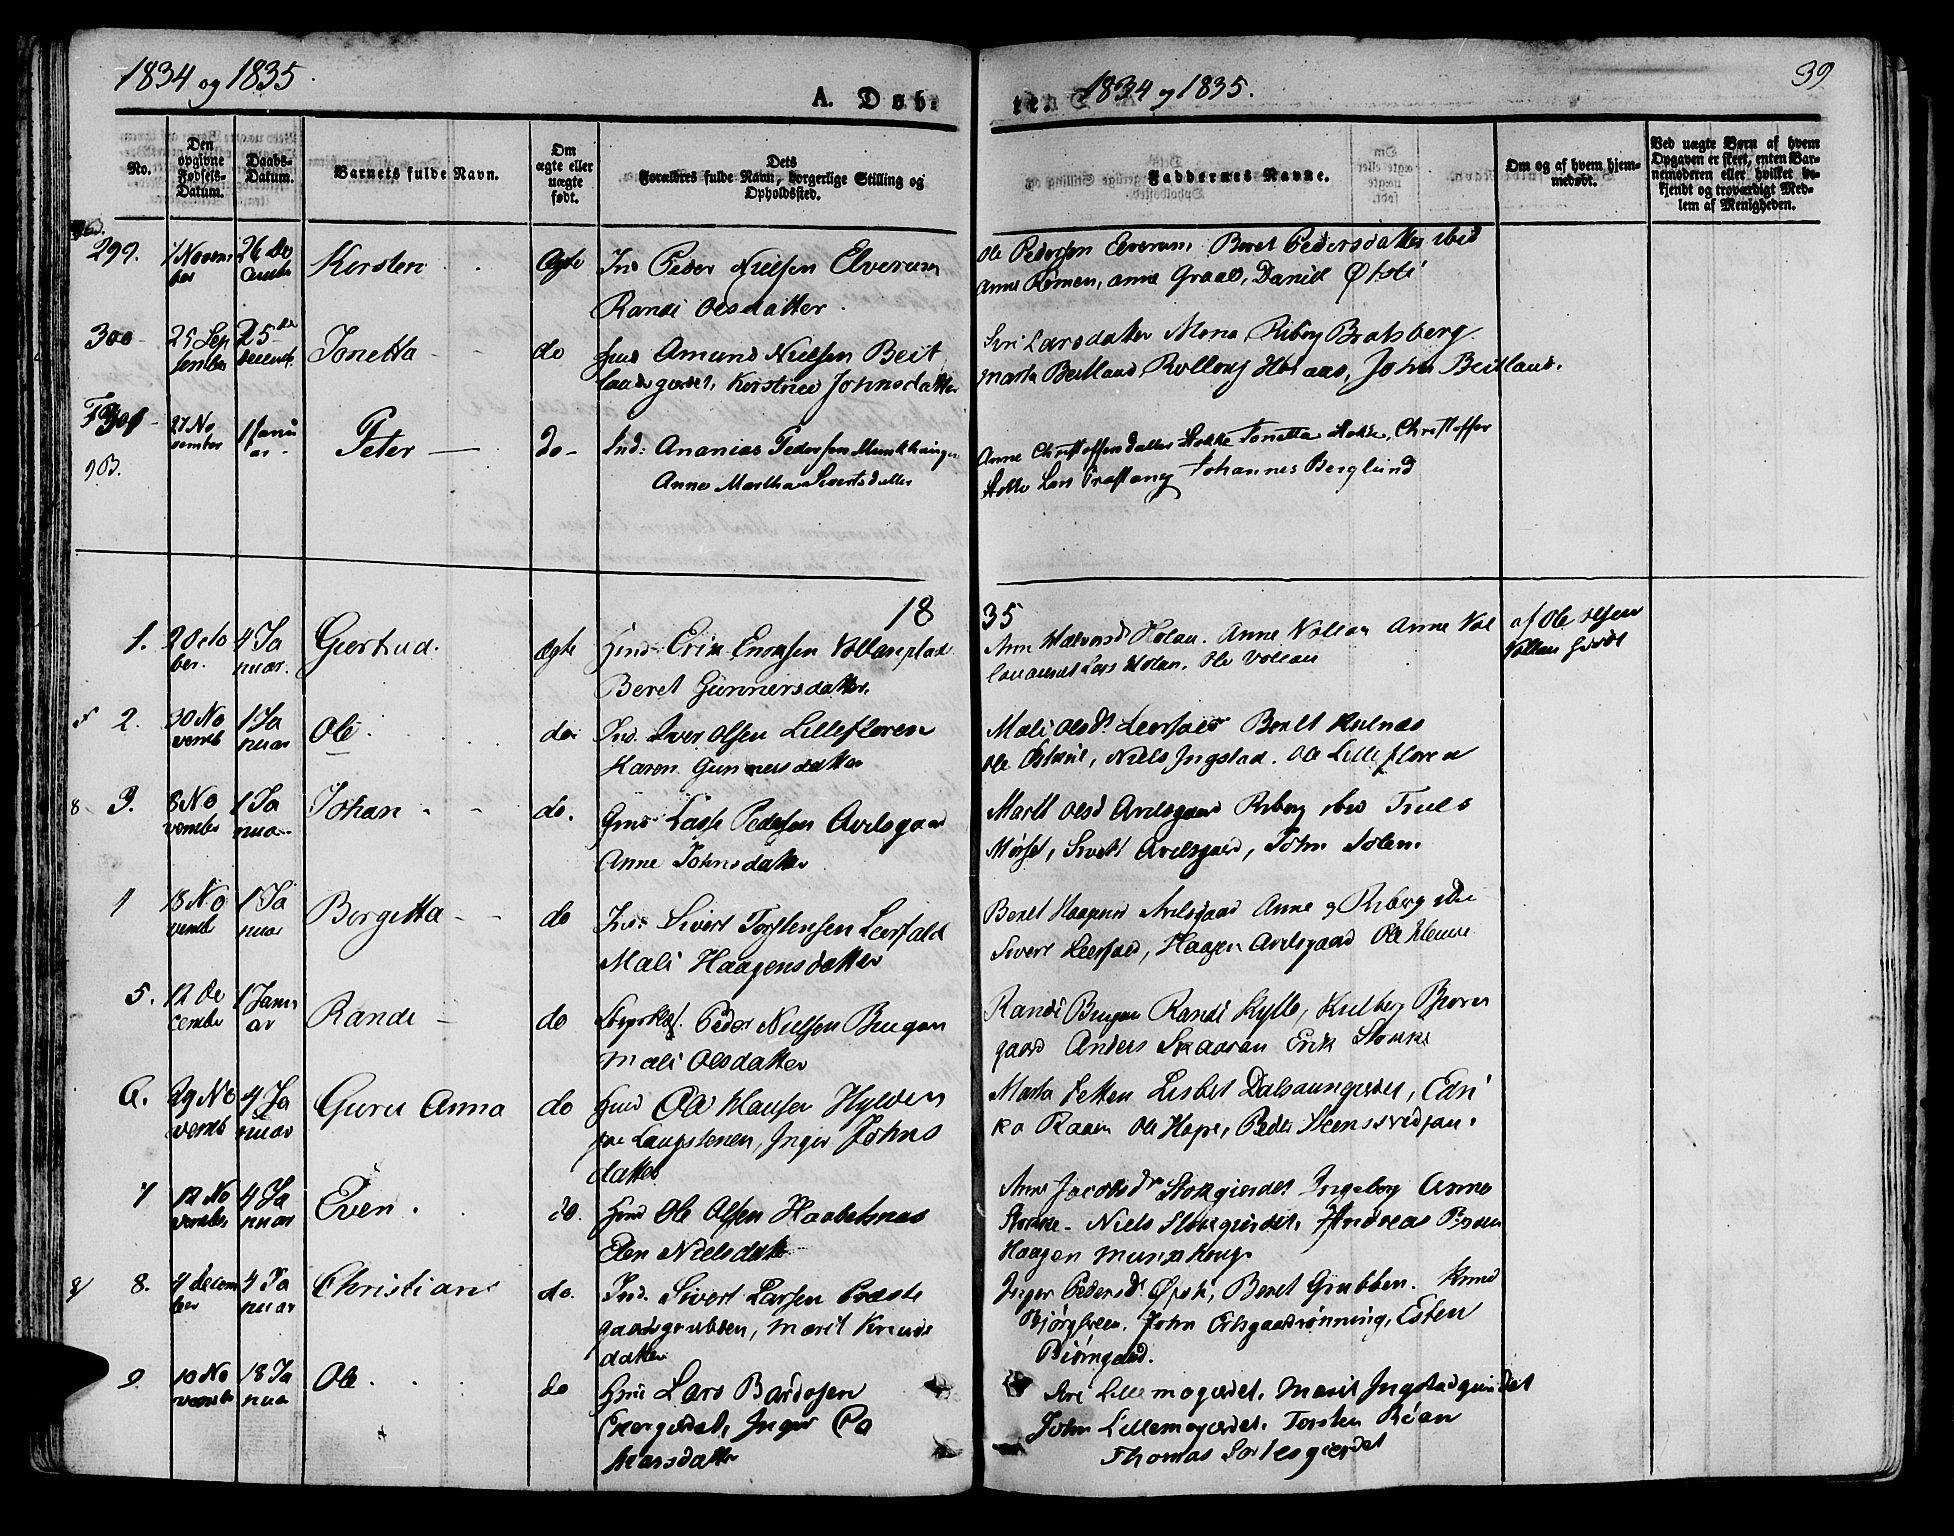 SAT, Ministerialprotokoller, klokkerbøker og fødselsregistre - Nord-Trøndelag, 709/L0071: Ministerialbok nr. 709A11, 1833-1844, s. 39